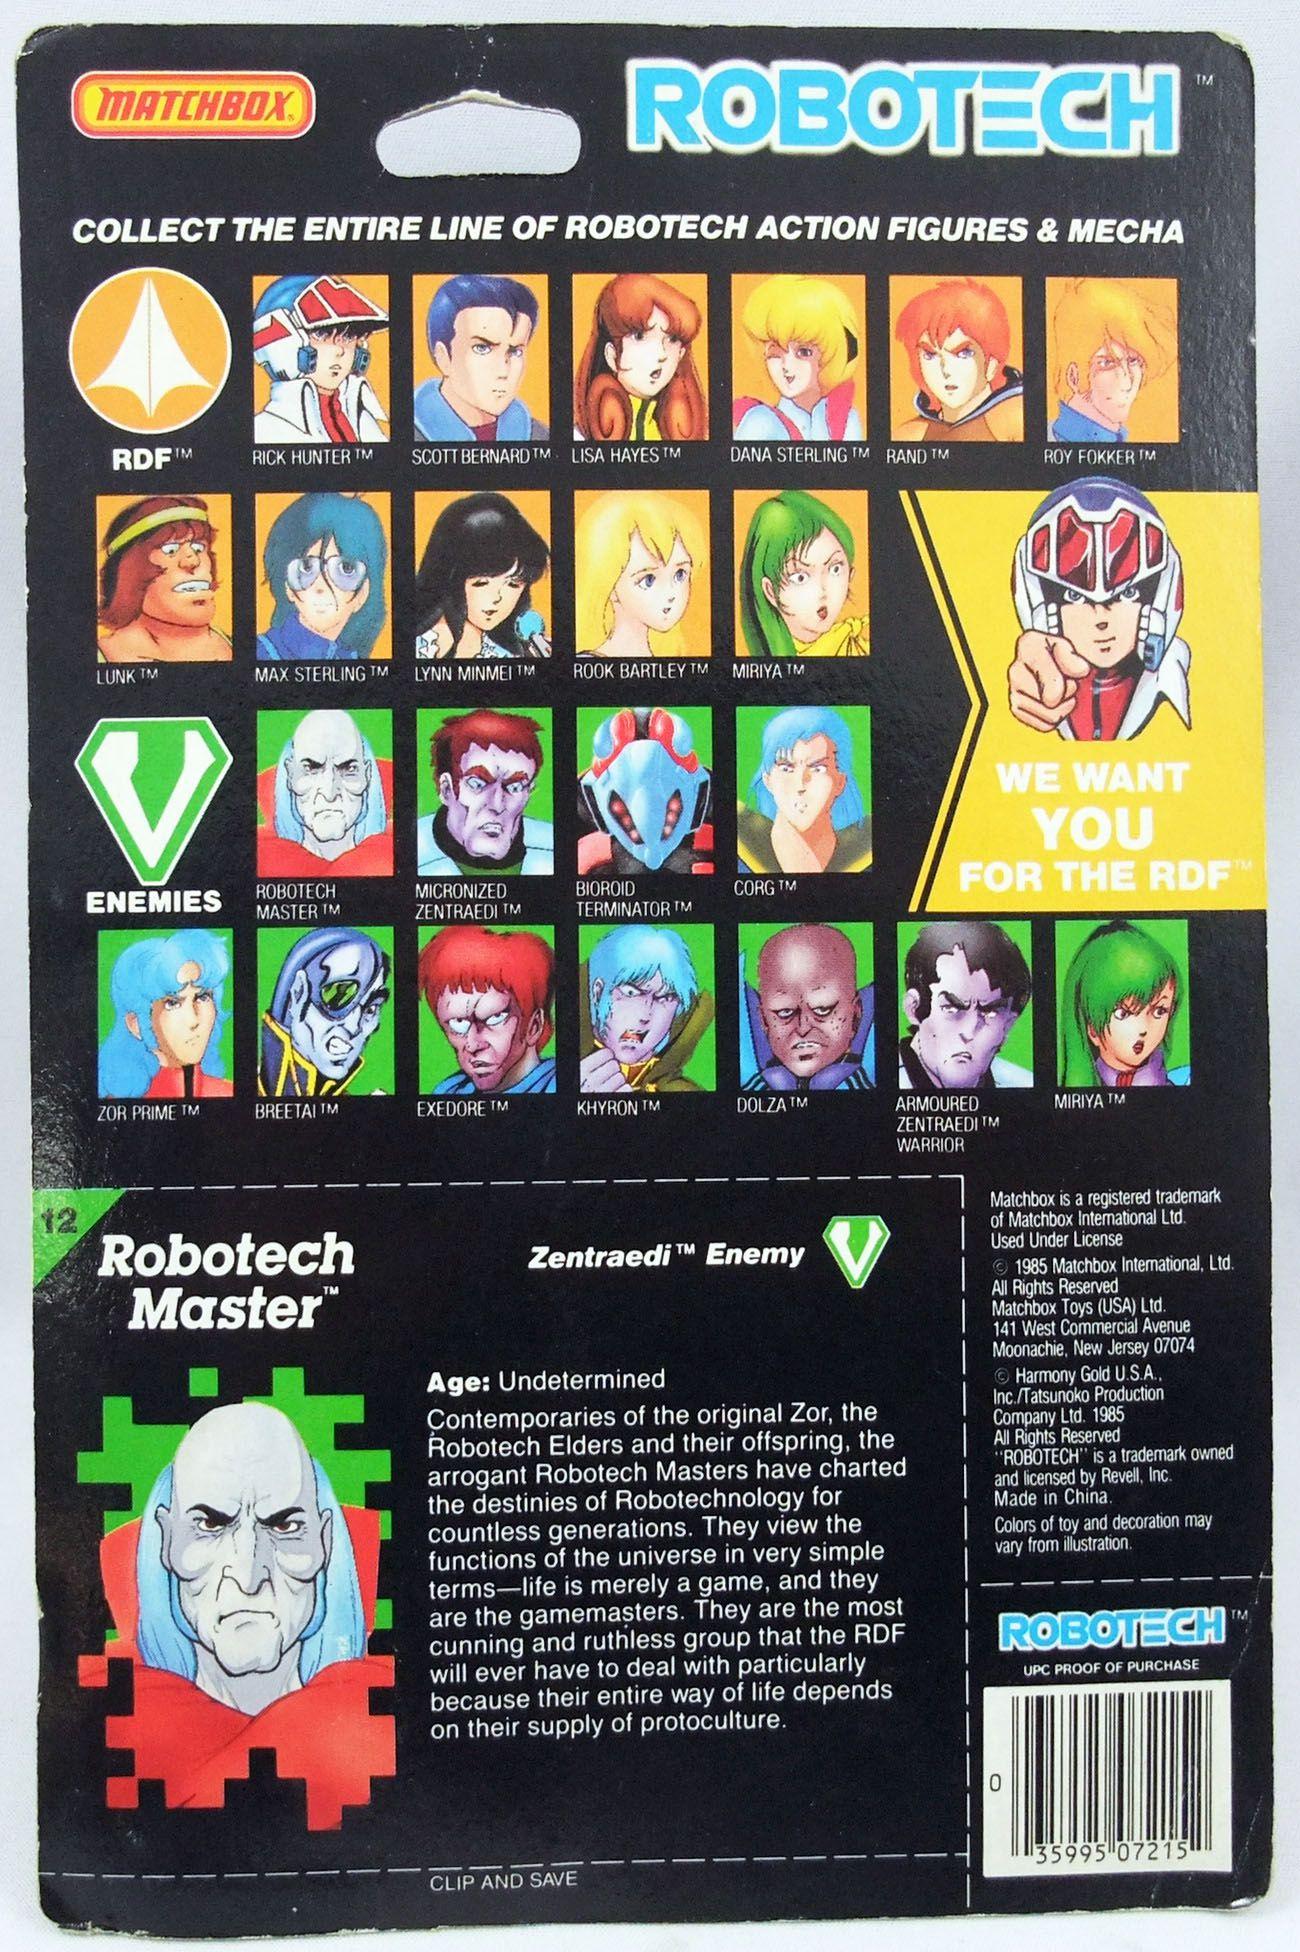 Robotech - Matchbox - Robotech Master